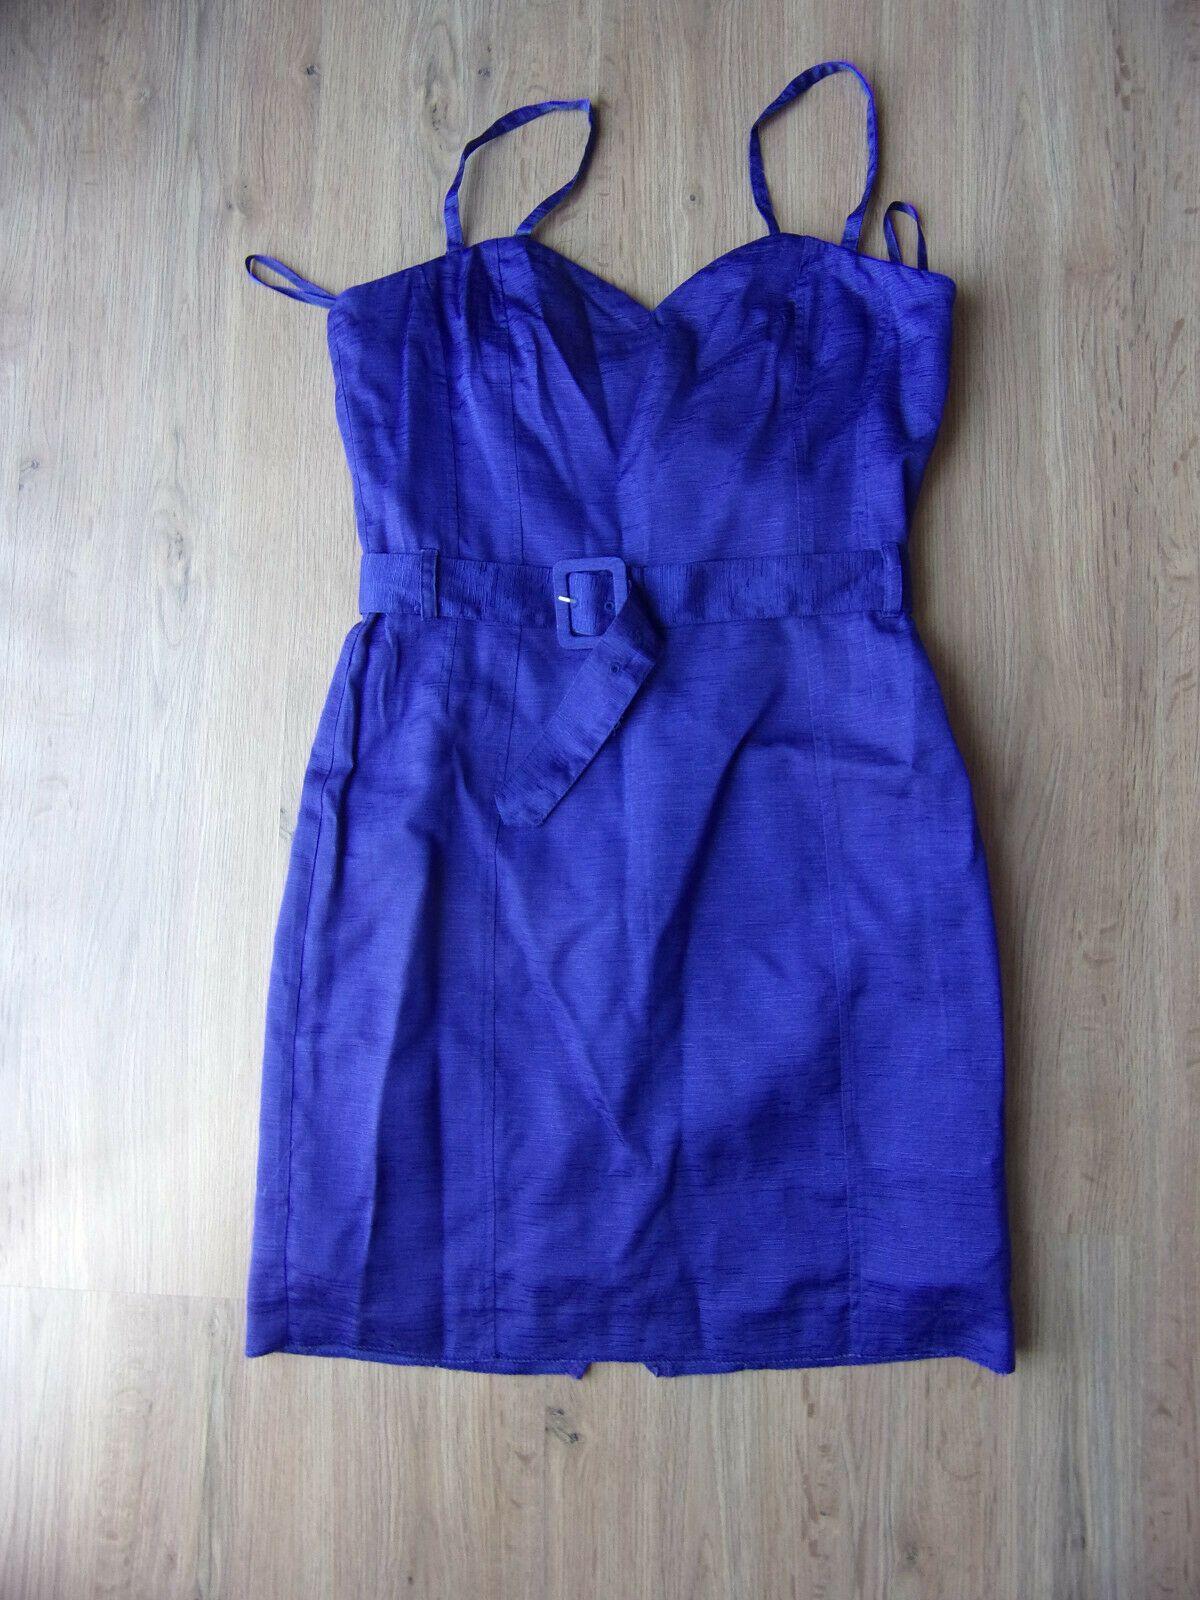 Kleid Etuikleid Gr. 13 HM - Kleid Lila - Ideas of Kleid Lila